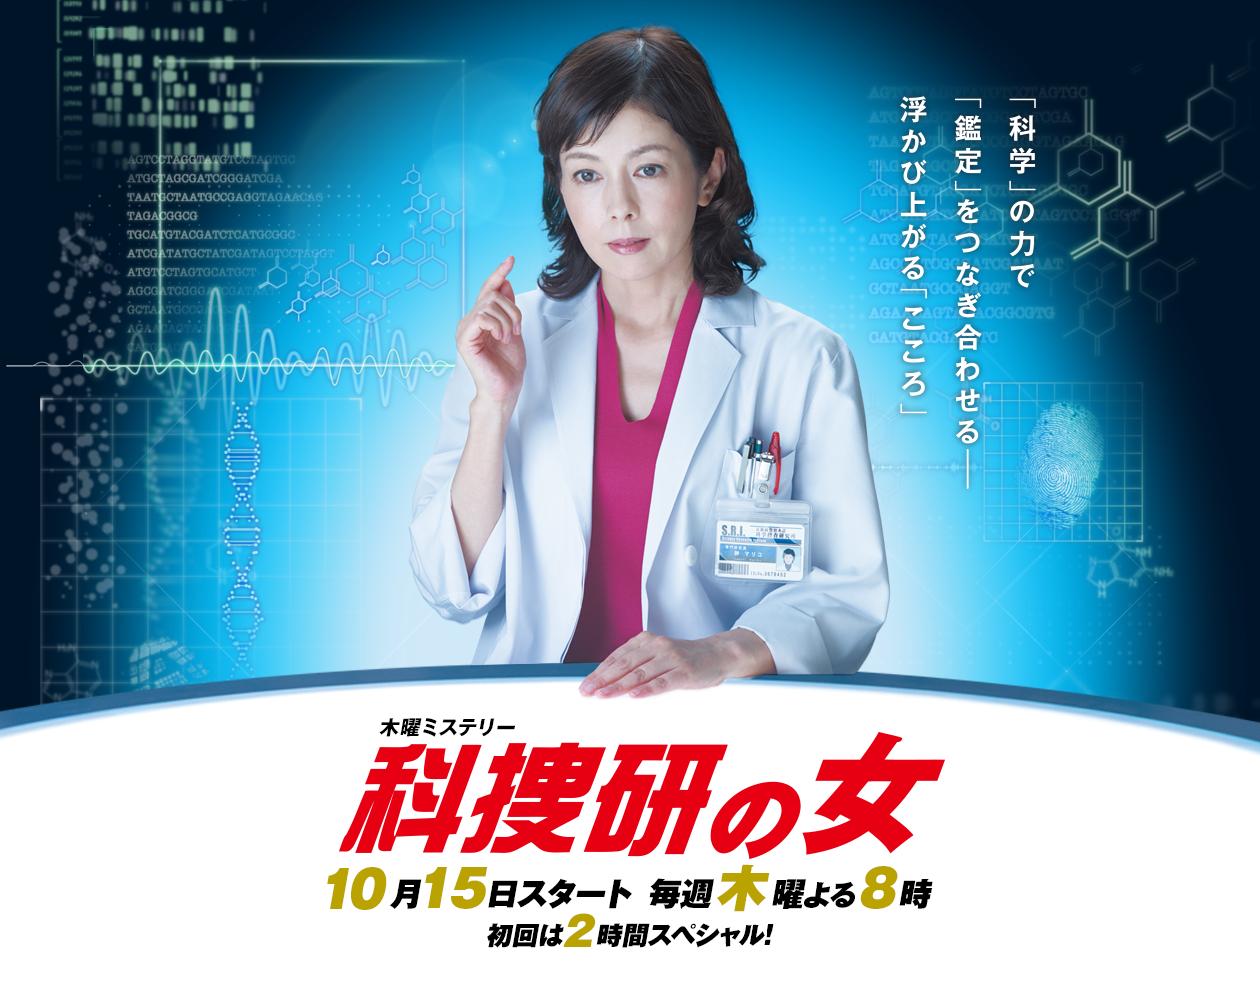 2015年10月から新シリーズの始まる科捜研の女のキャストを調べてみたのサムネイル画像